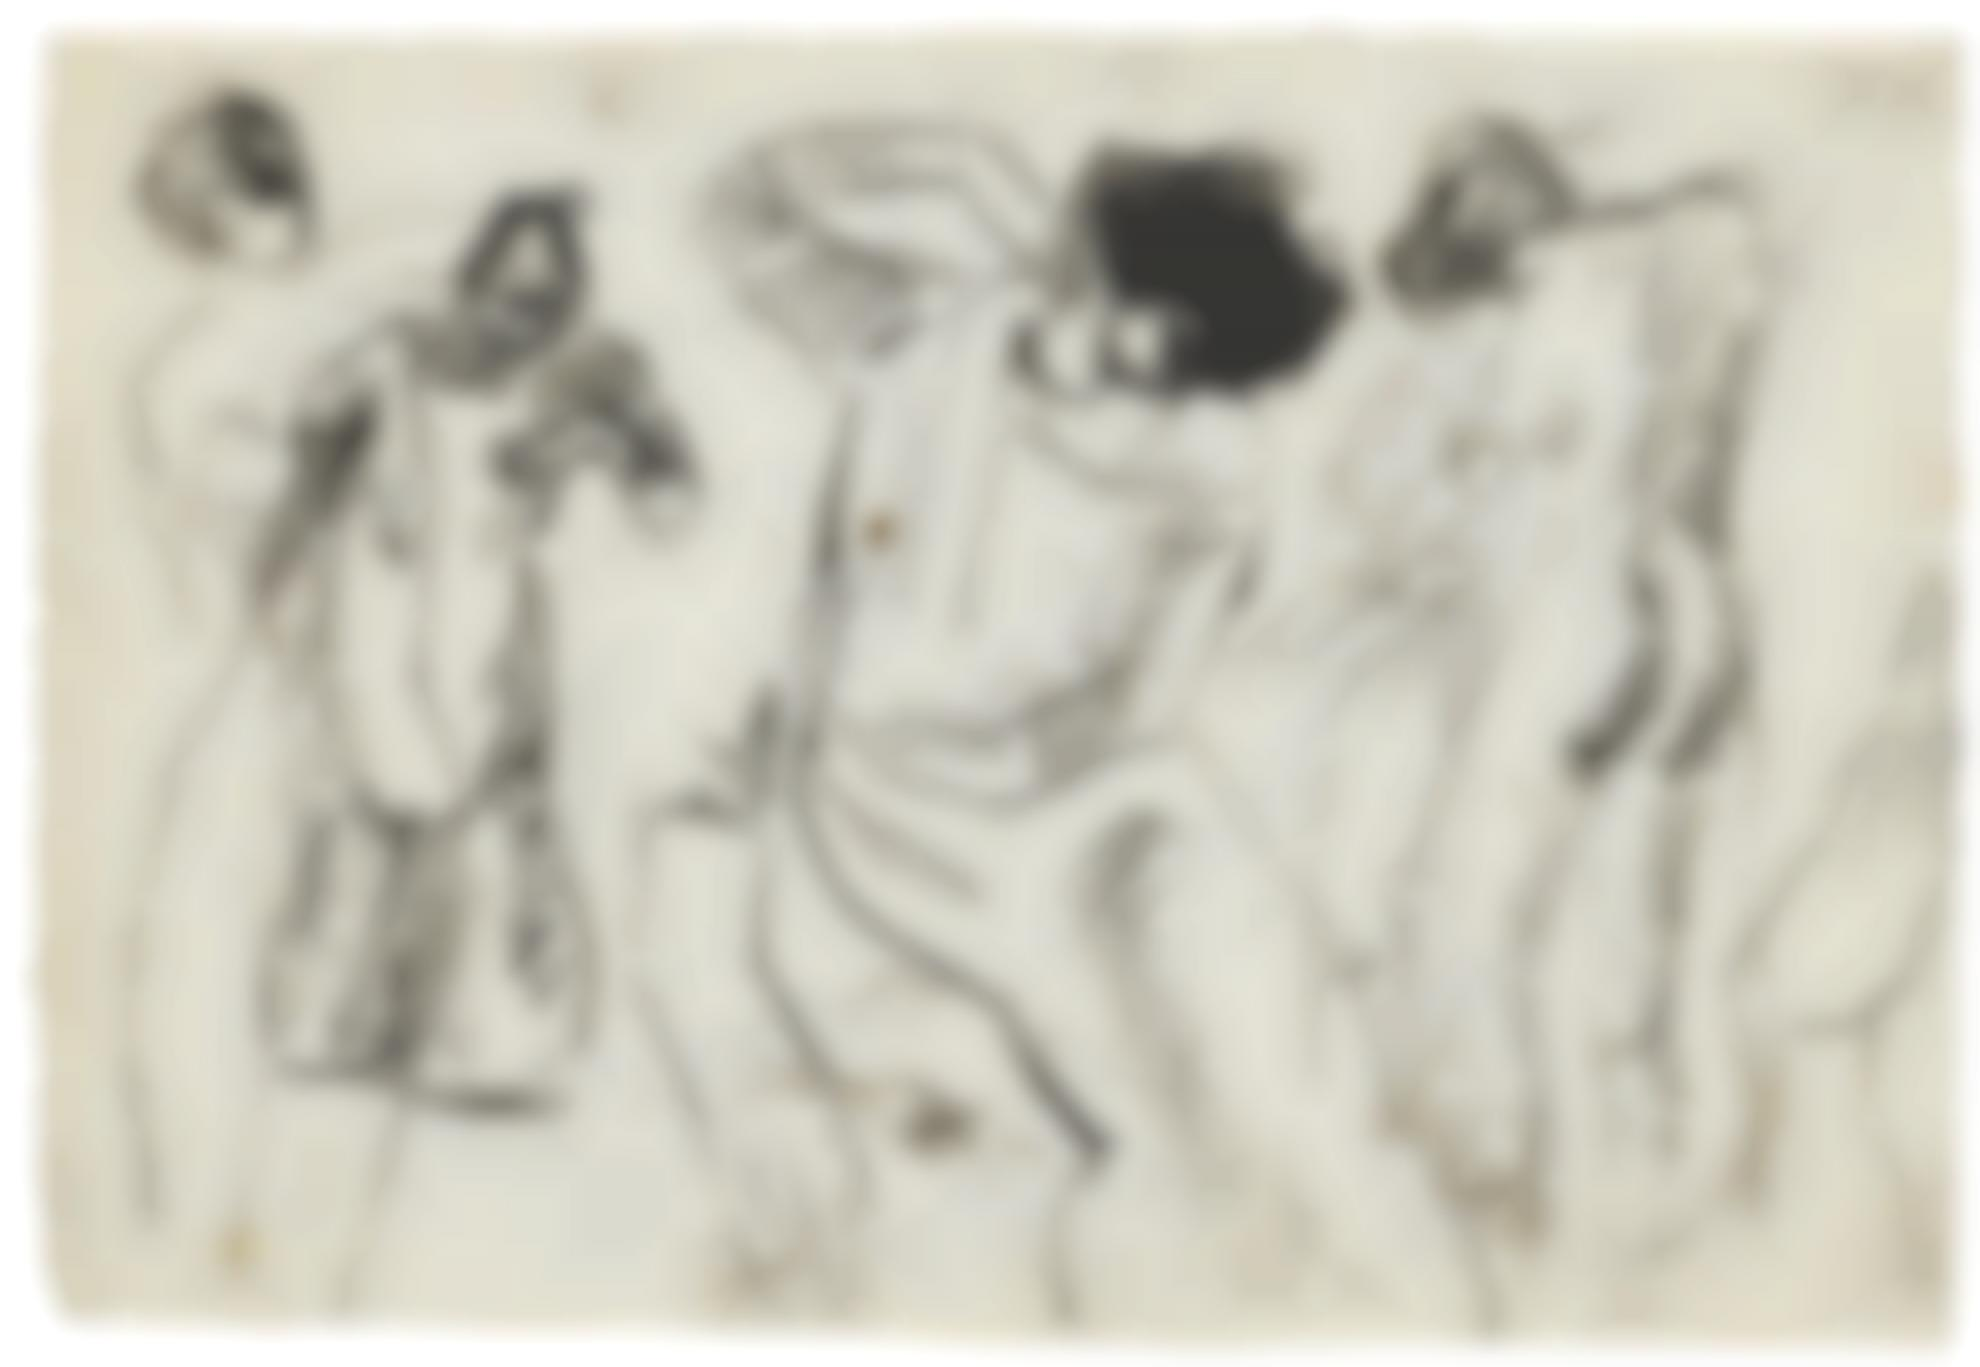 Pablo Picasso-Etudes De Femme (Recto) & Etudes De Femme A La Toilette (Verso): A Double-Sided Work-1903